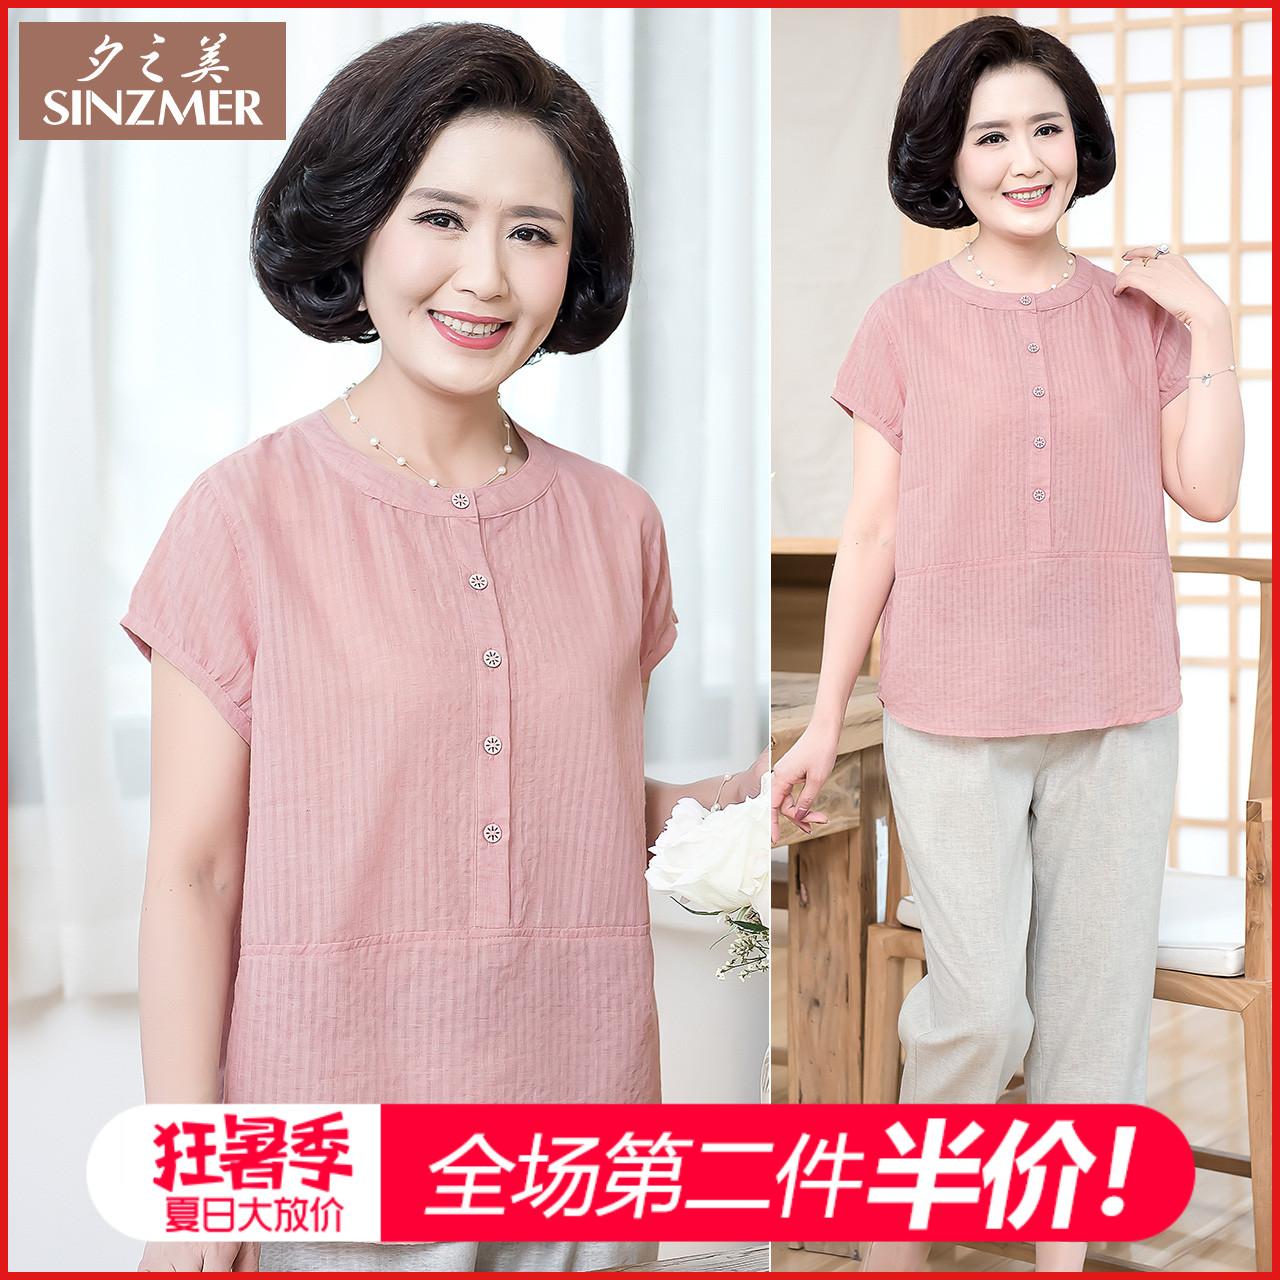 妈妈夏装棉麻两件套装中老年女装短袖T恤亚麻裤50-60岁老人奶奶装